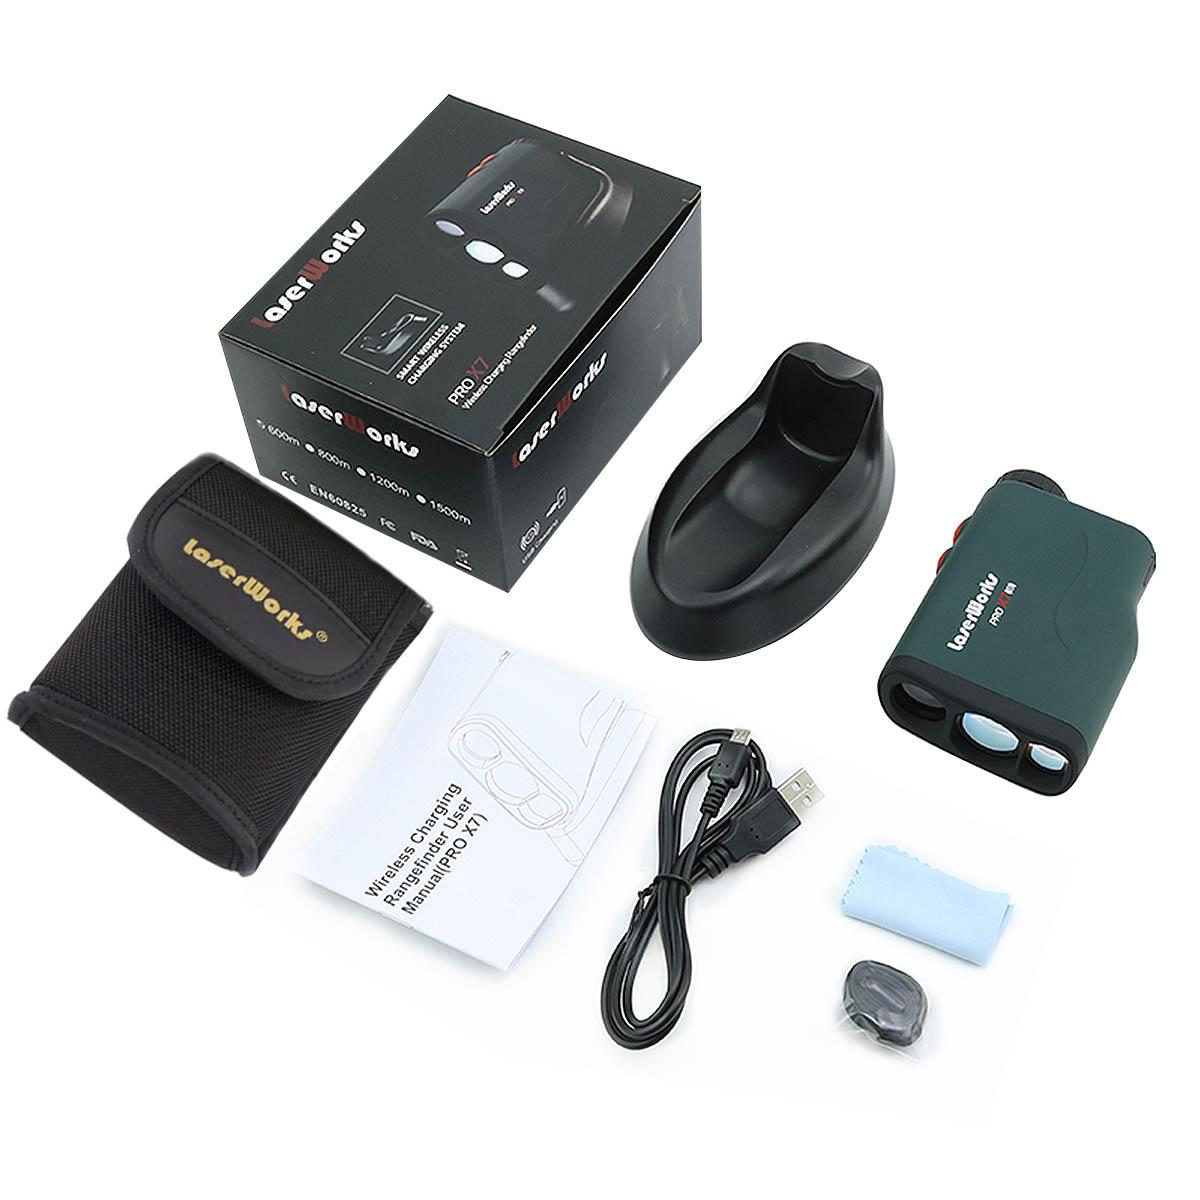 Laserworks Rangefinder package pic